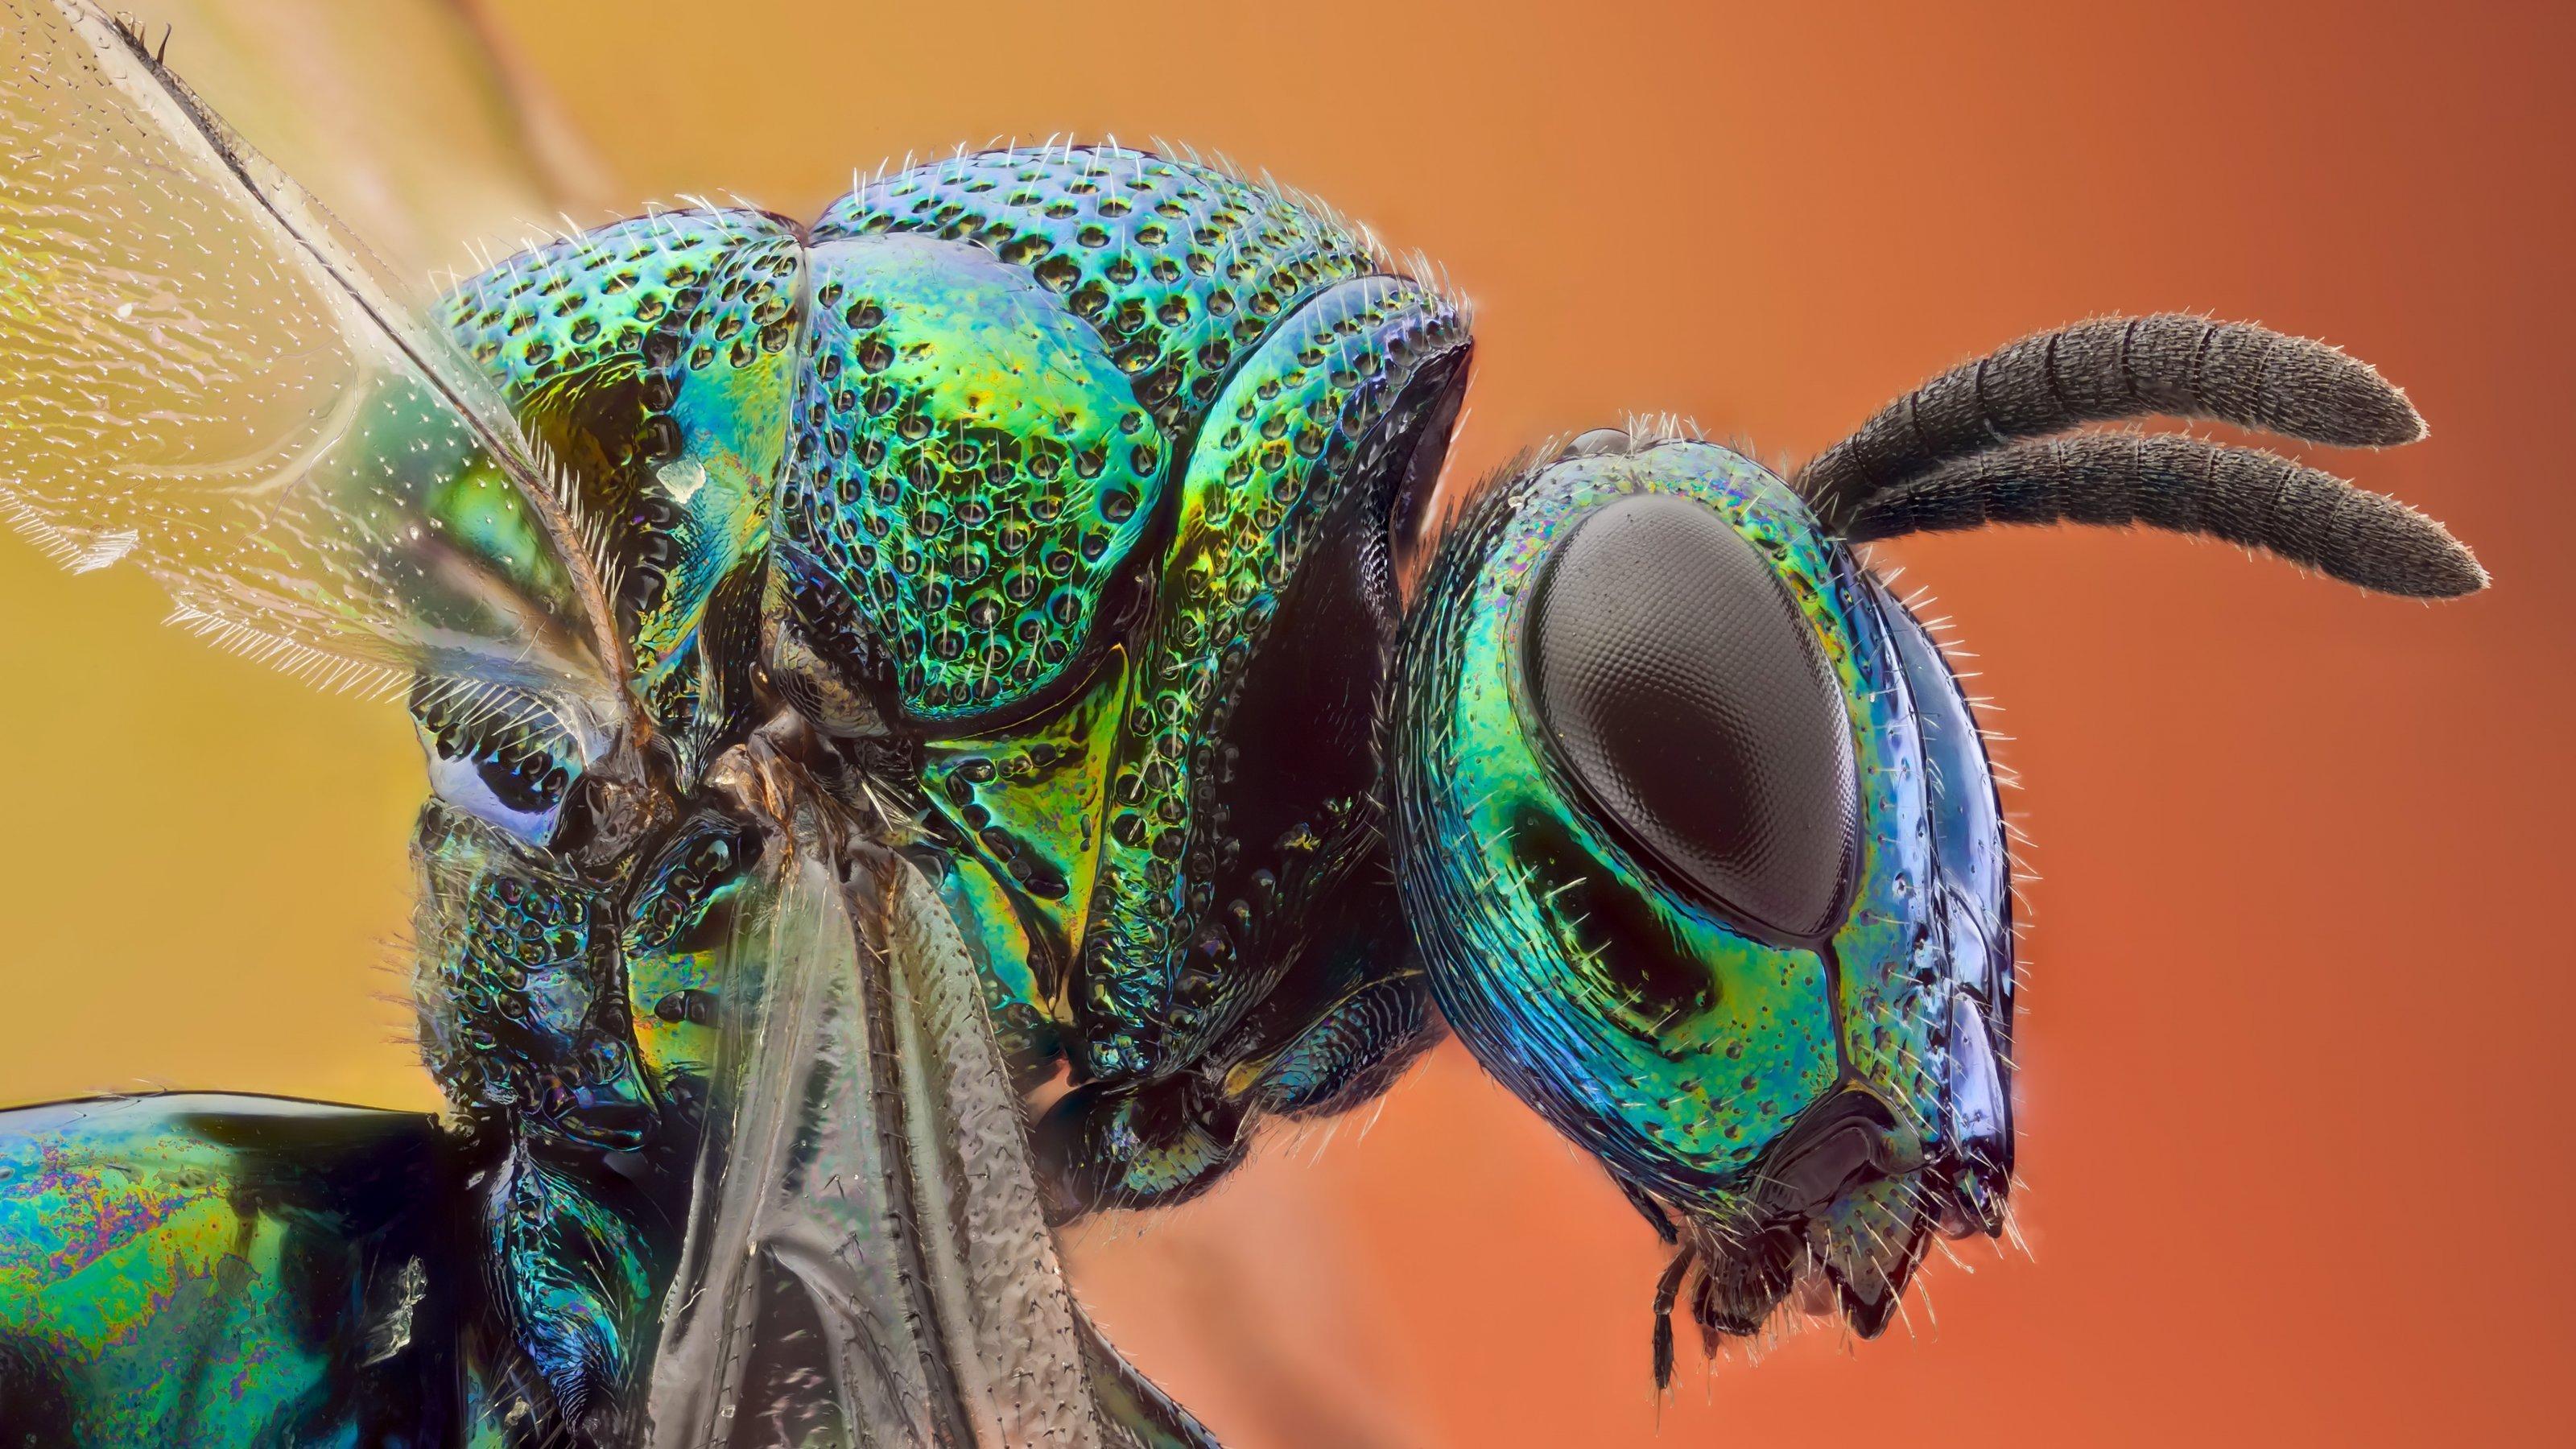 Eine Nahaufnahme zeigt ein grün schimmerndes Insekt.